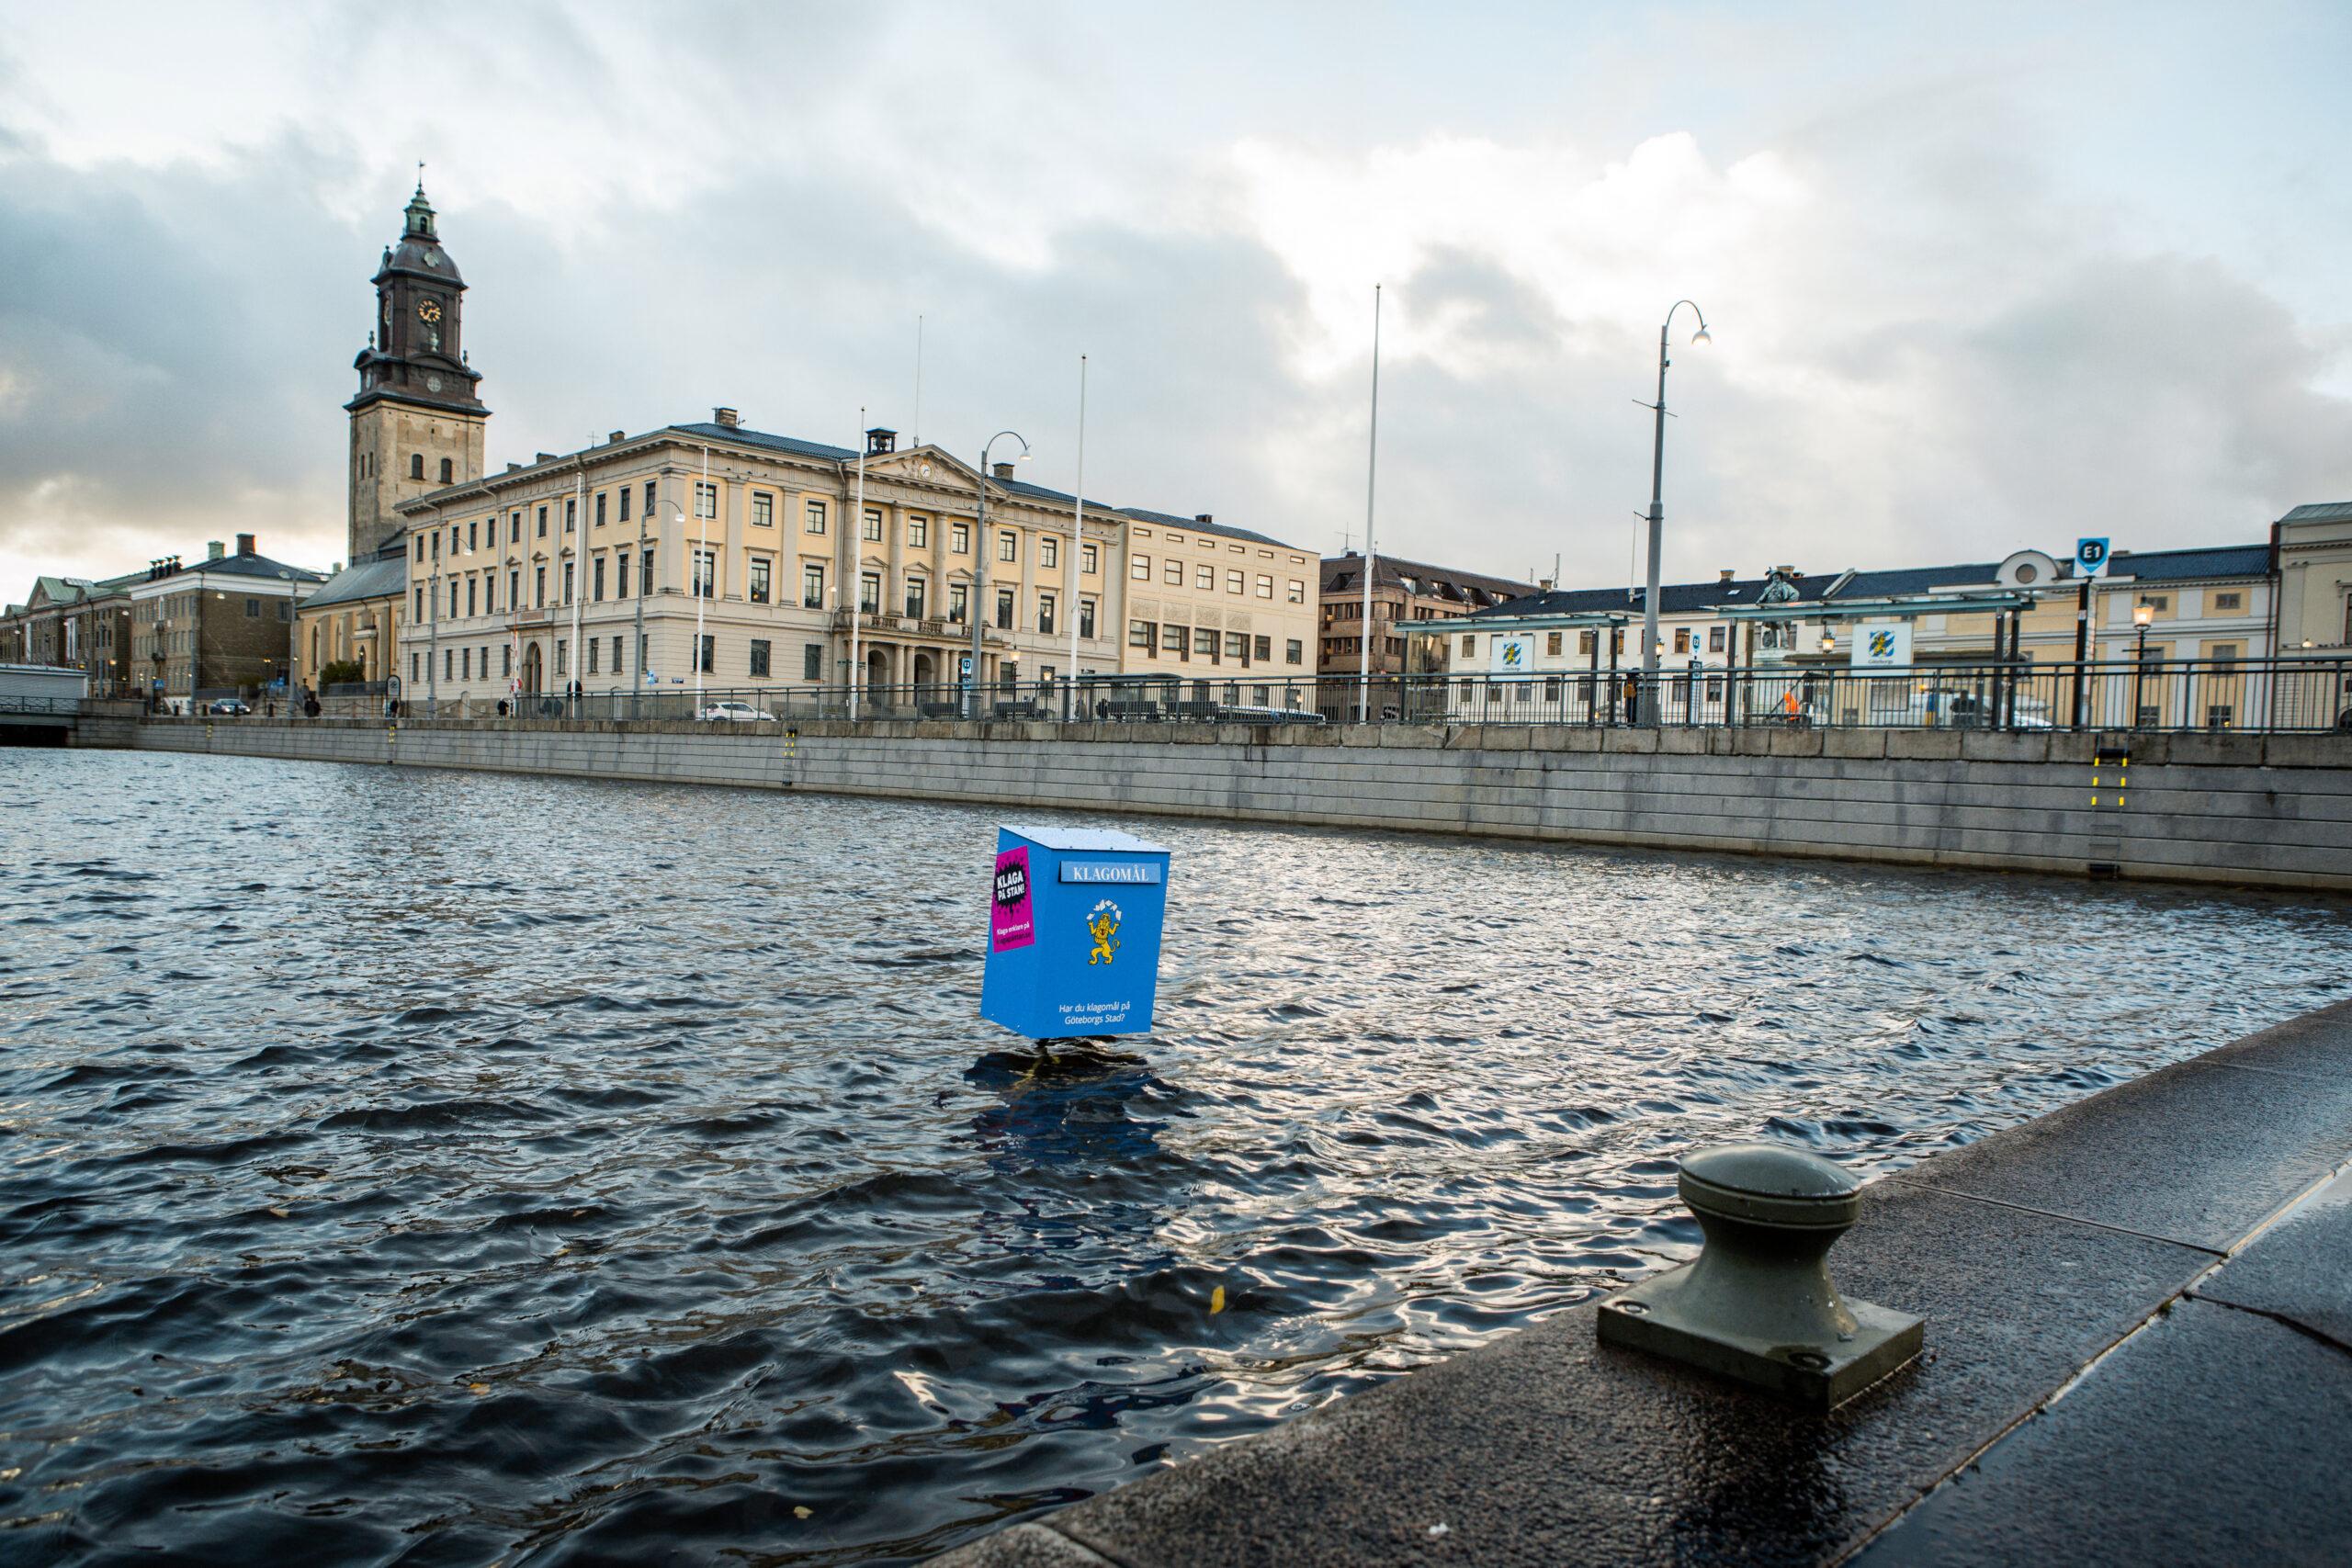 """Blå låda i kanalen vid rådhuset i Göteborg. På lådan syns texten """"Klagomål"""" och ett gult lejon som rycker på axlarna."""